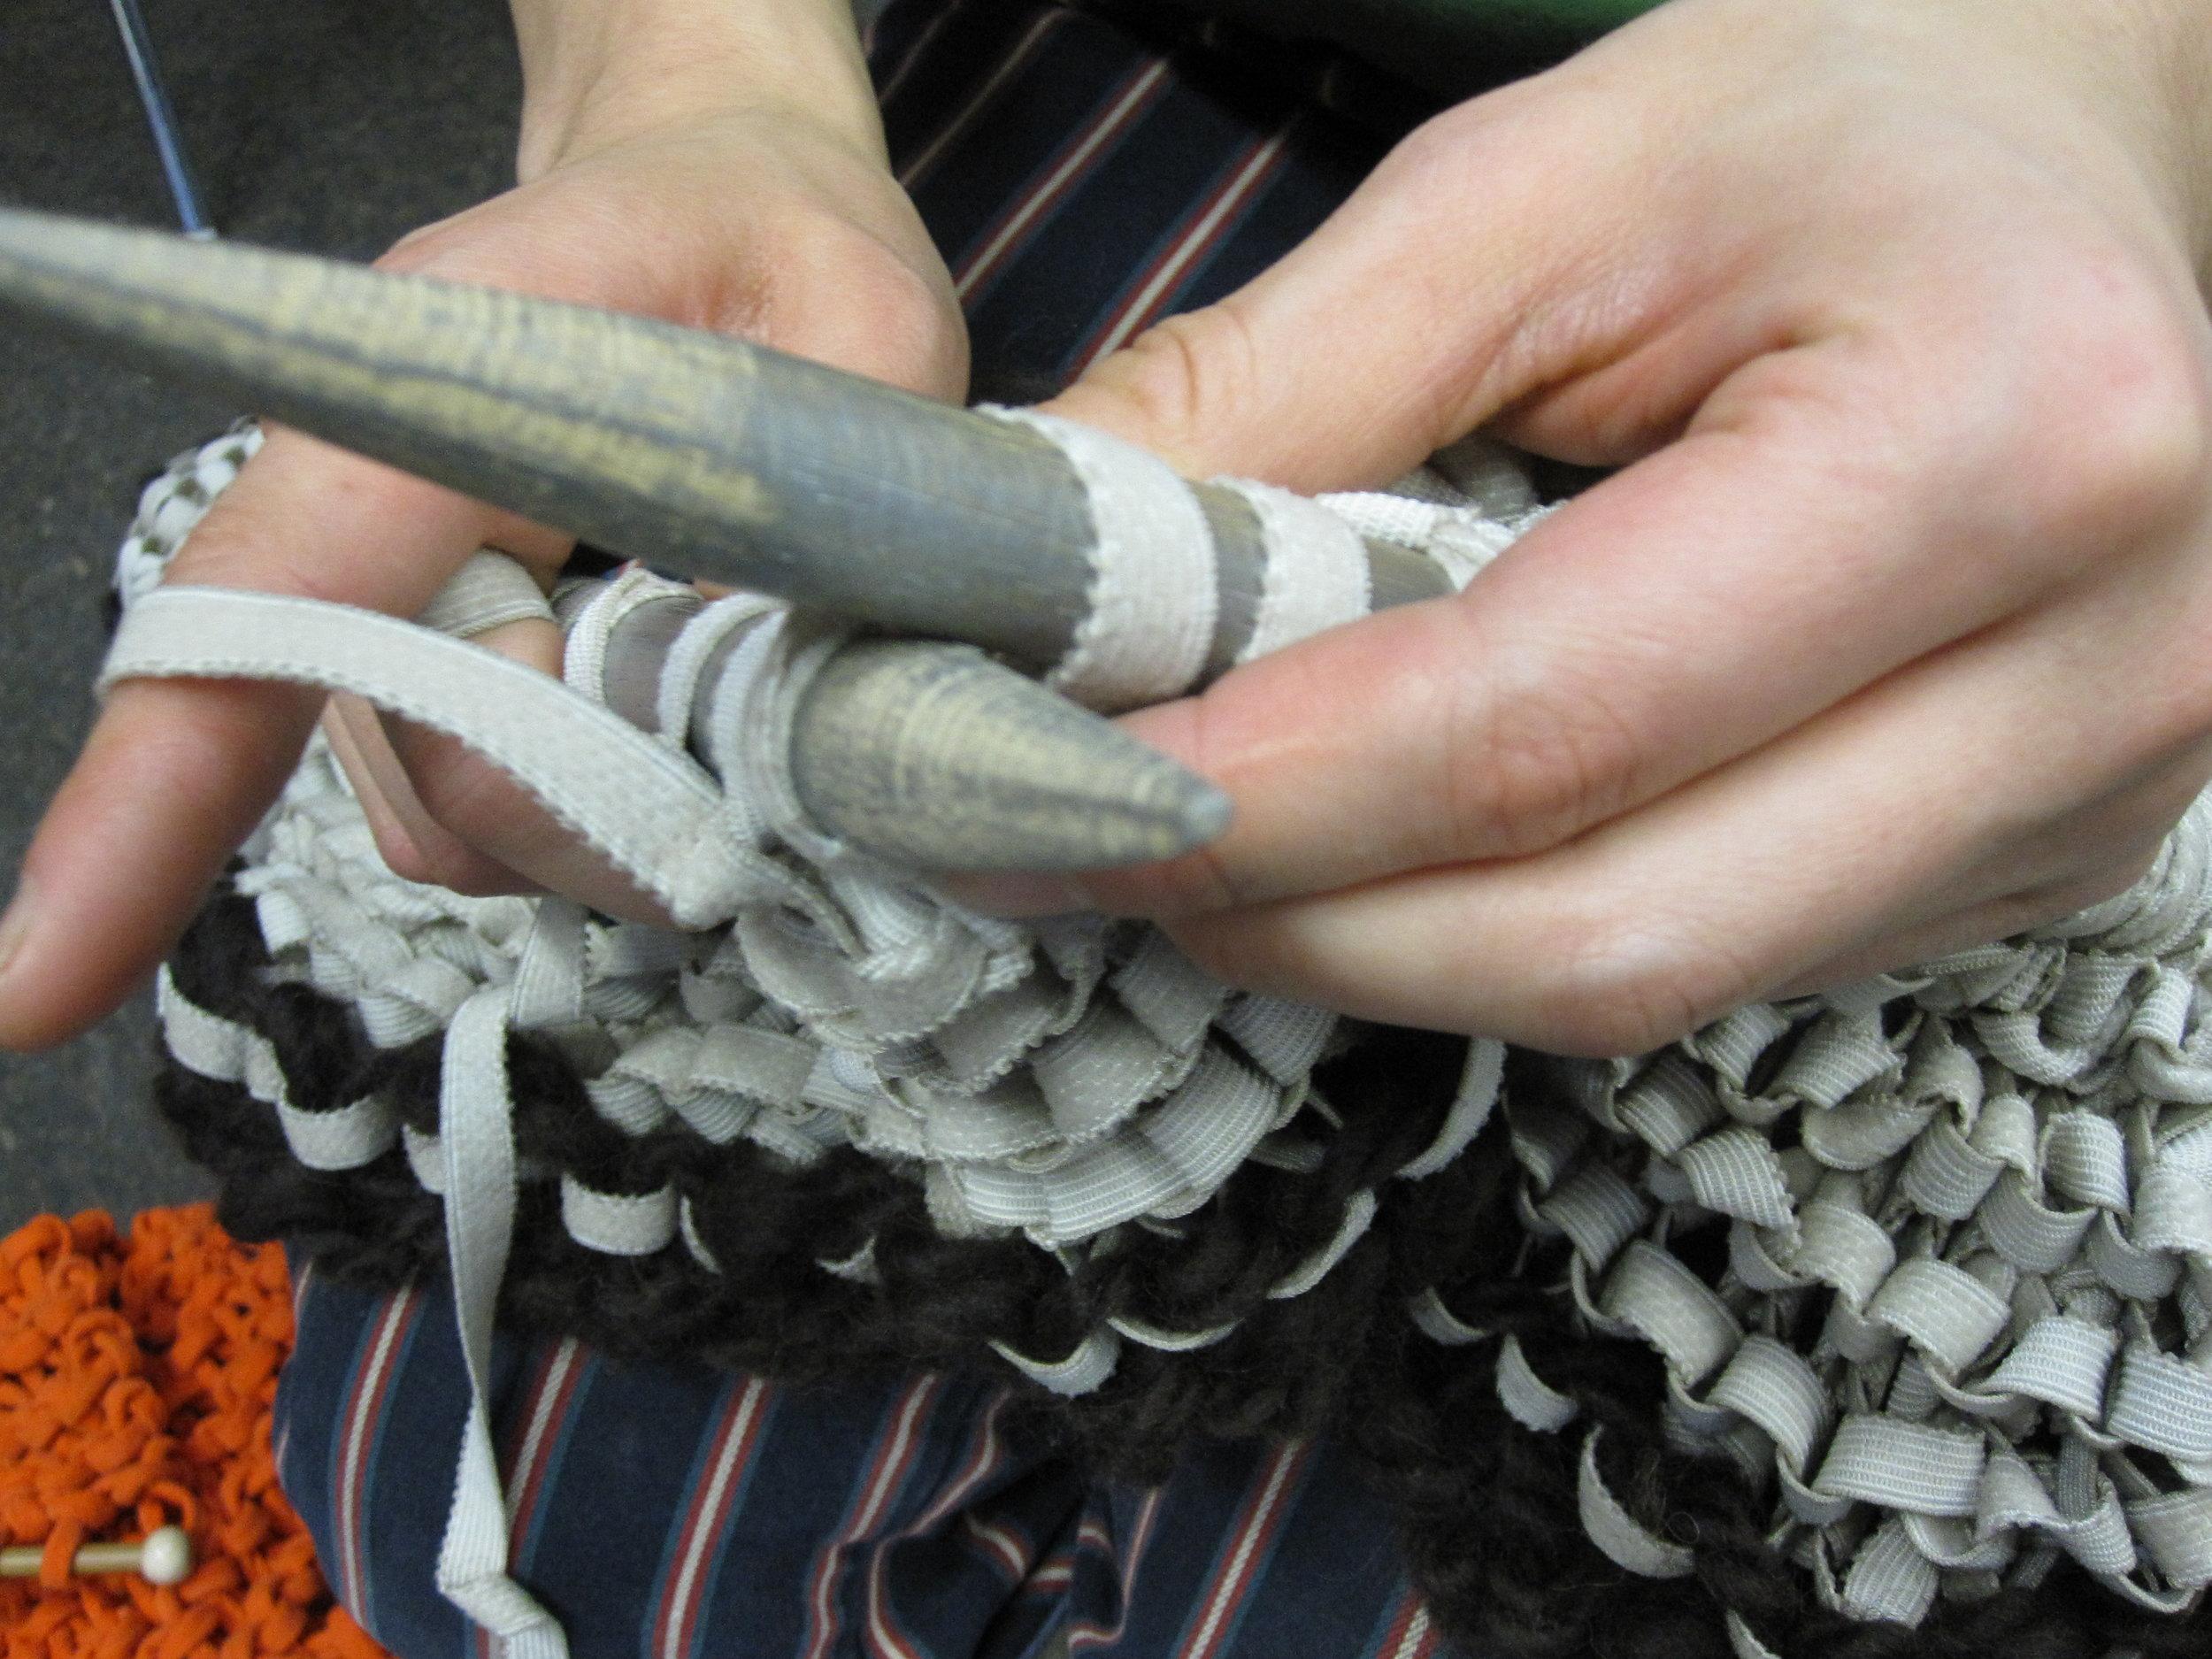 knittingmarathon10_4314458309_o.jpg